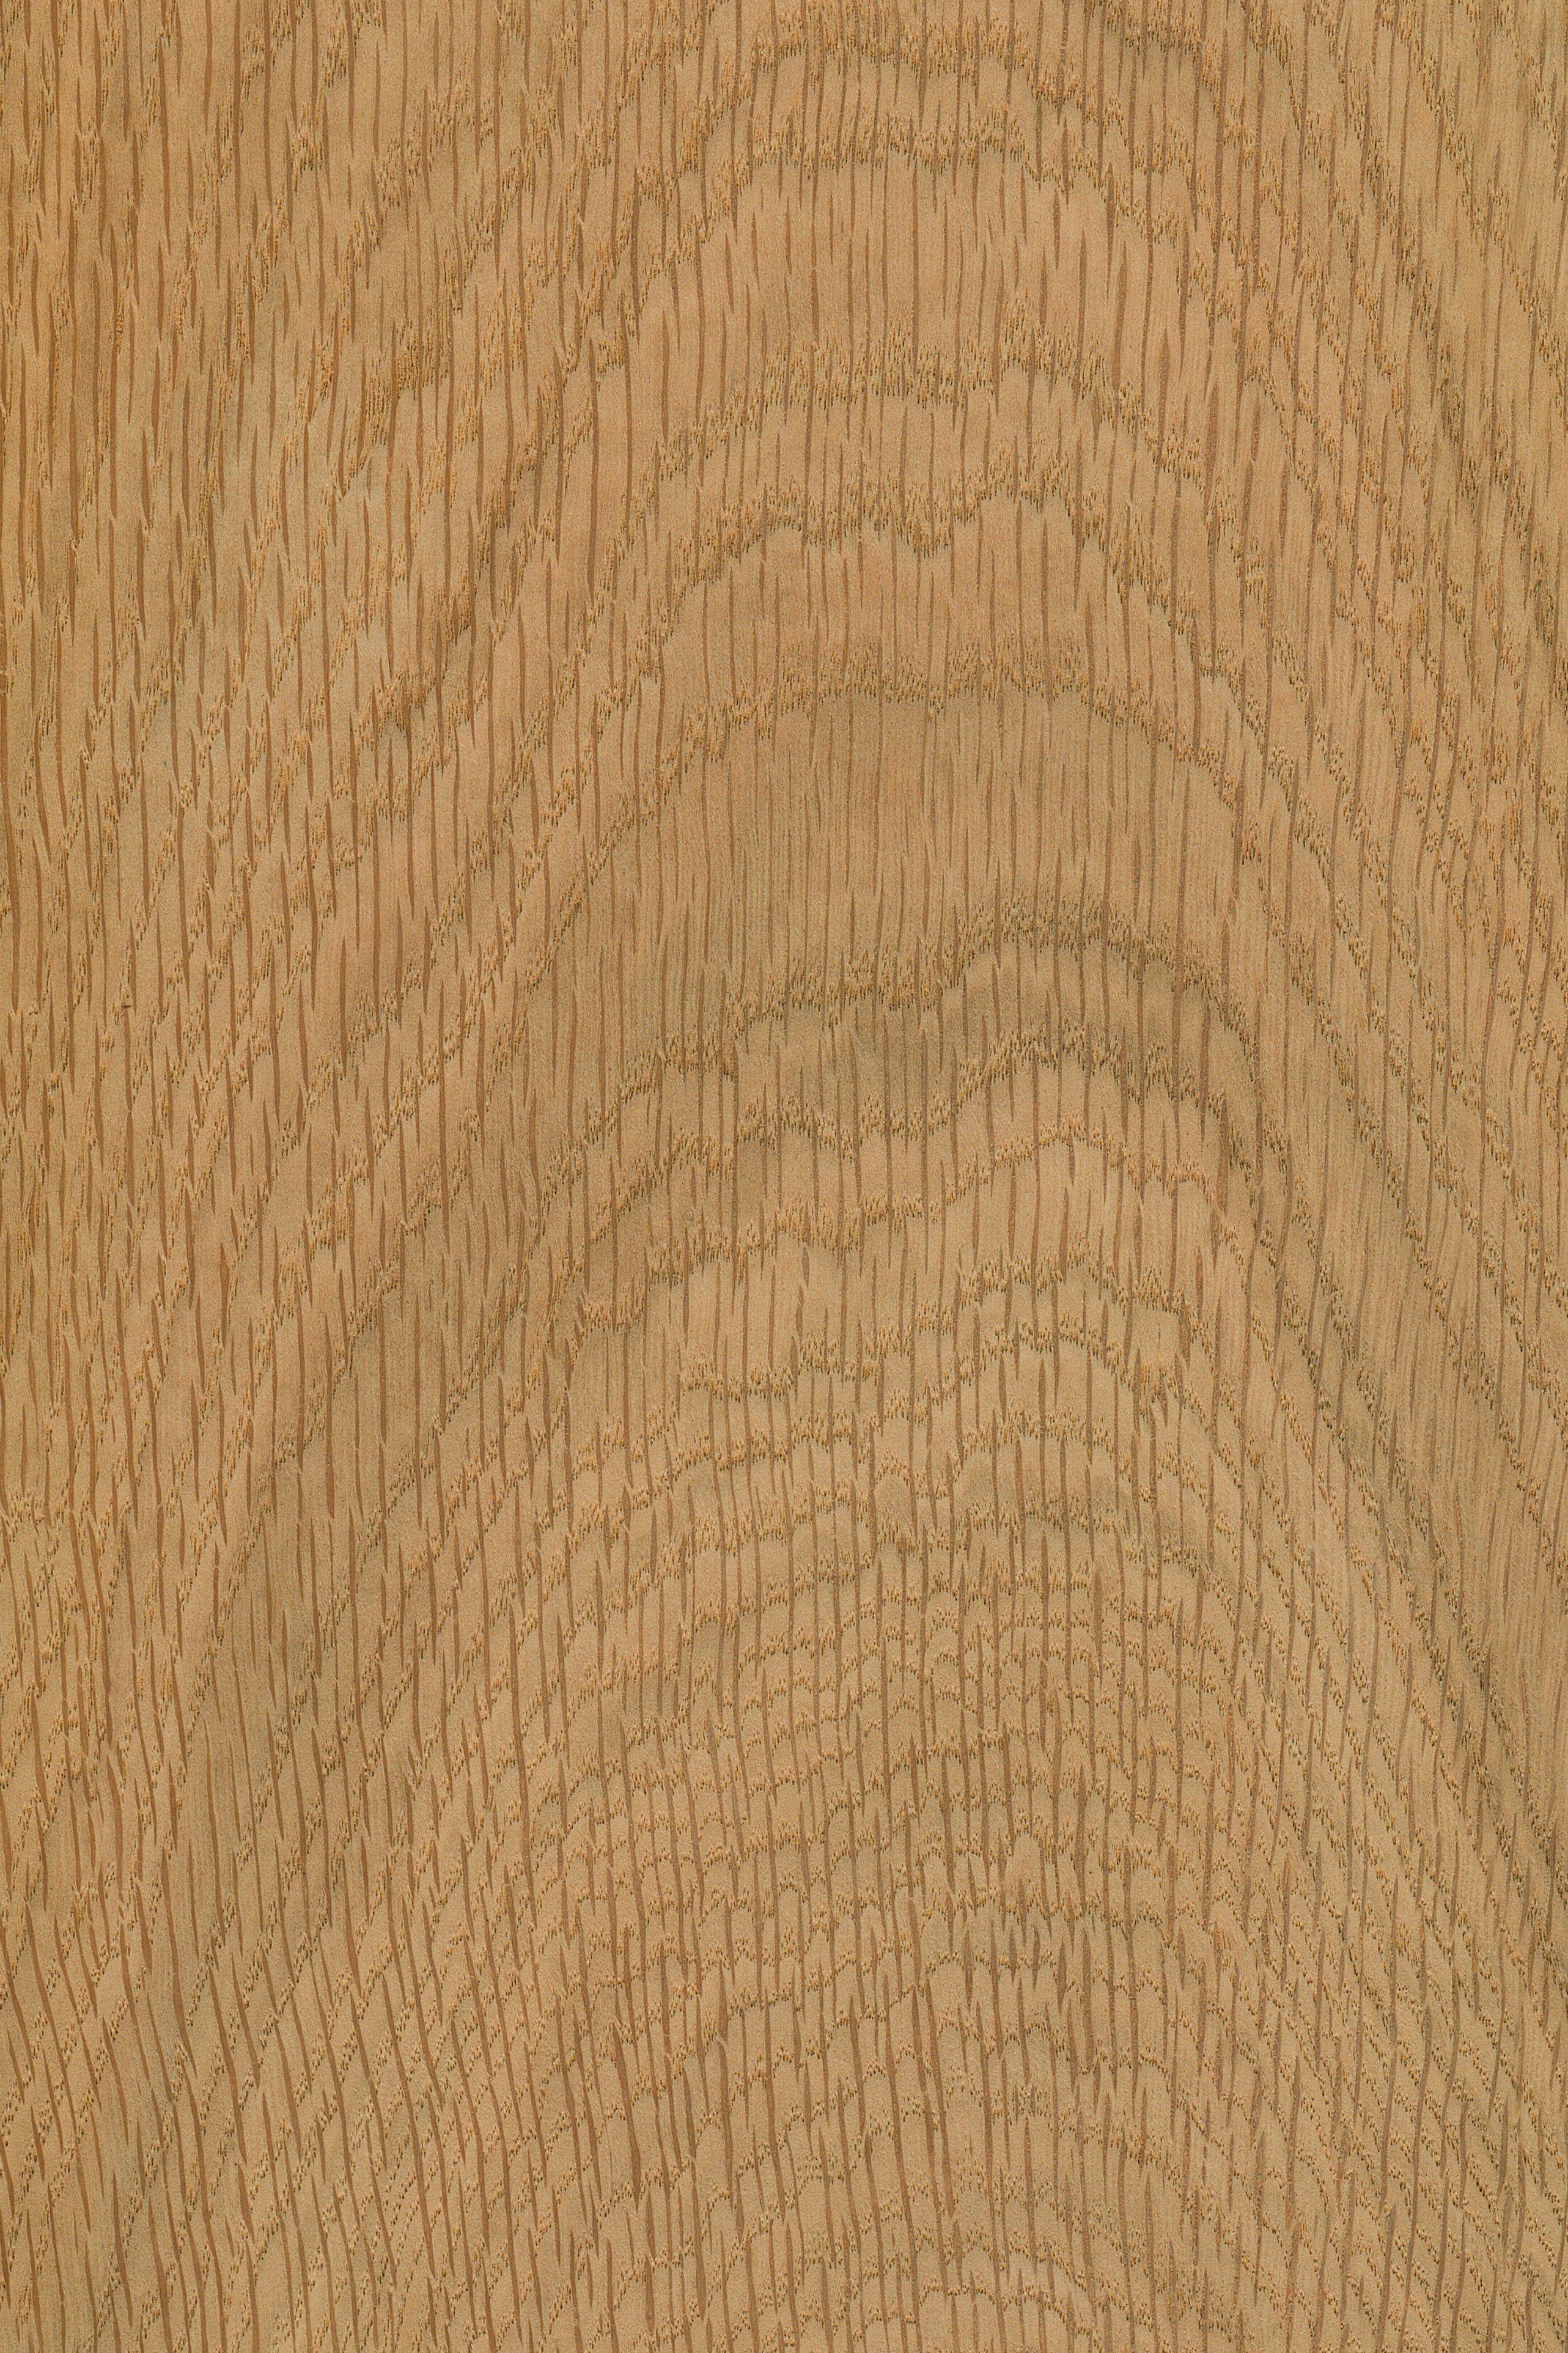 Pin Auf Holzarten